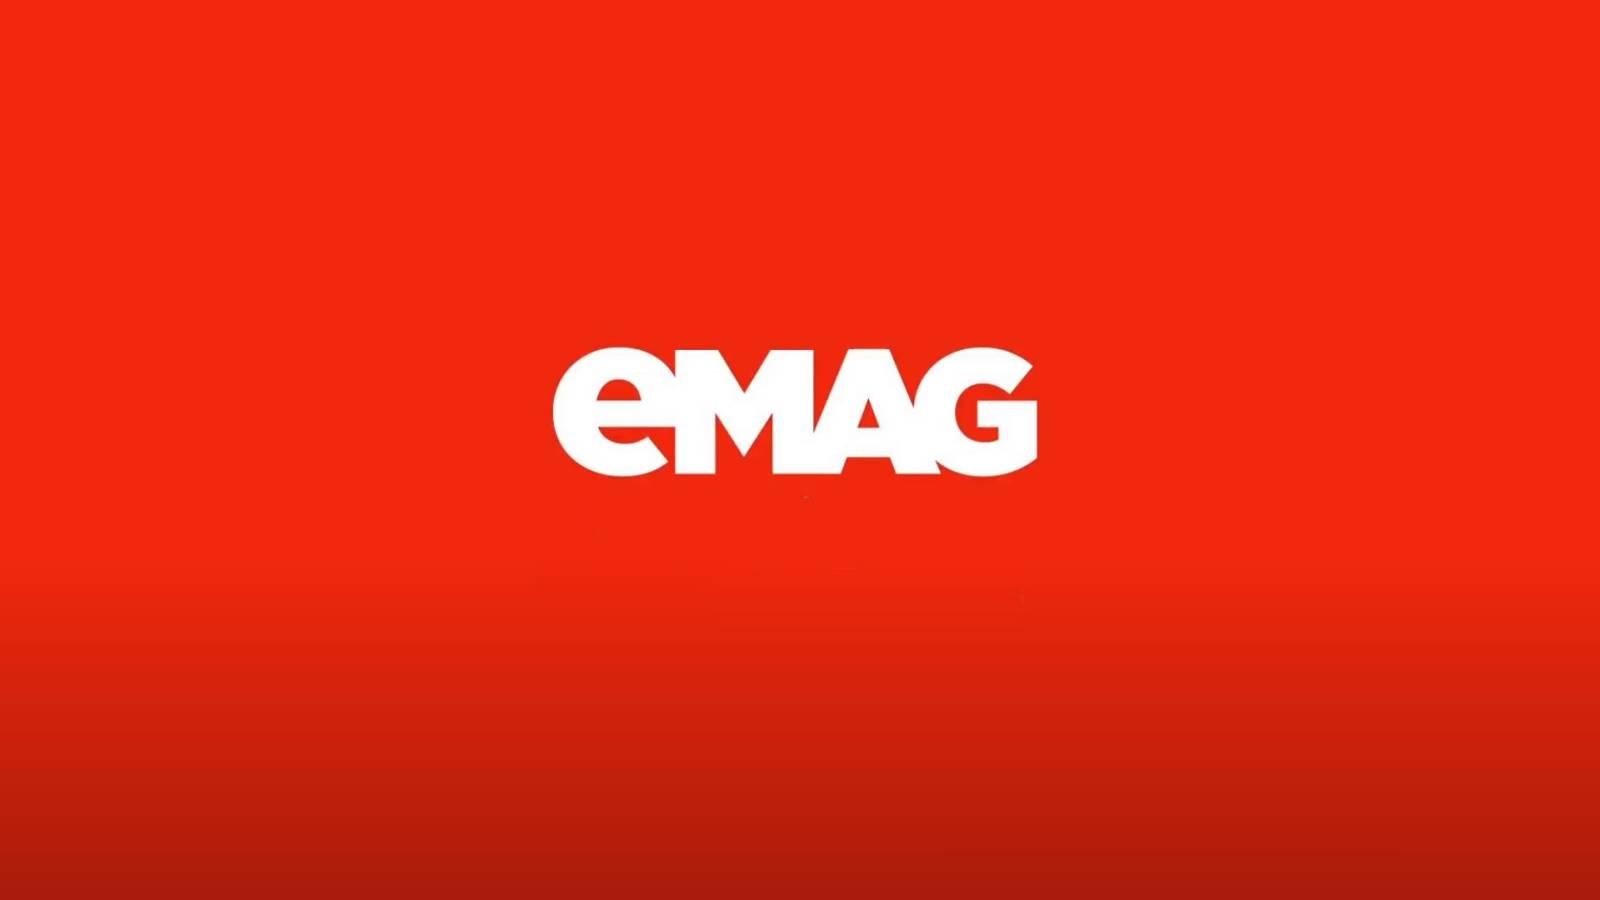 eMAG EXTRA Reduceri mari Romania